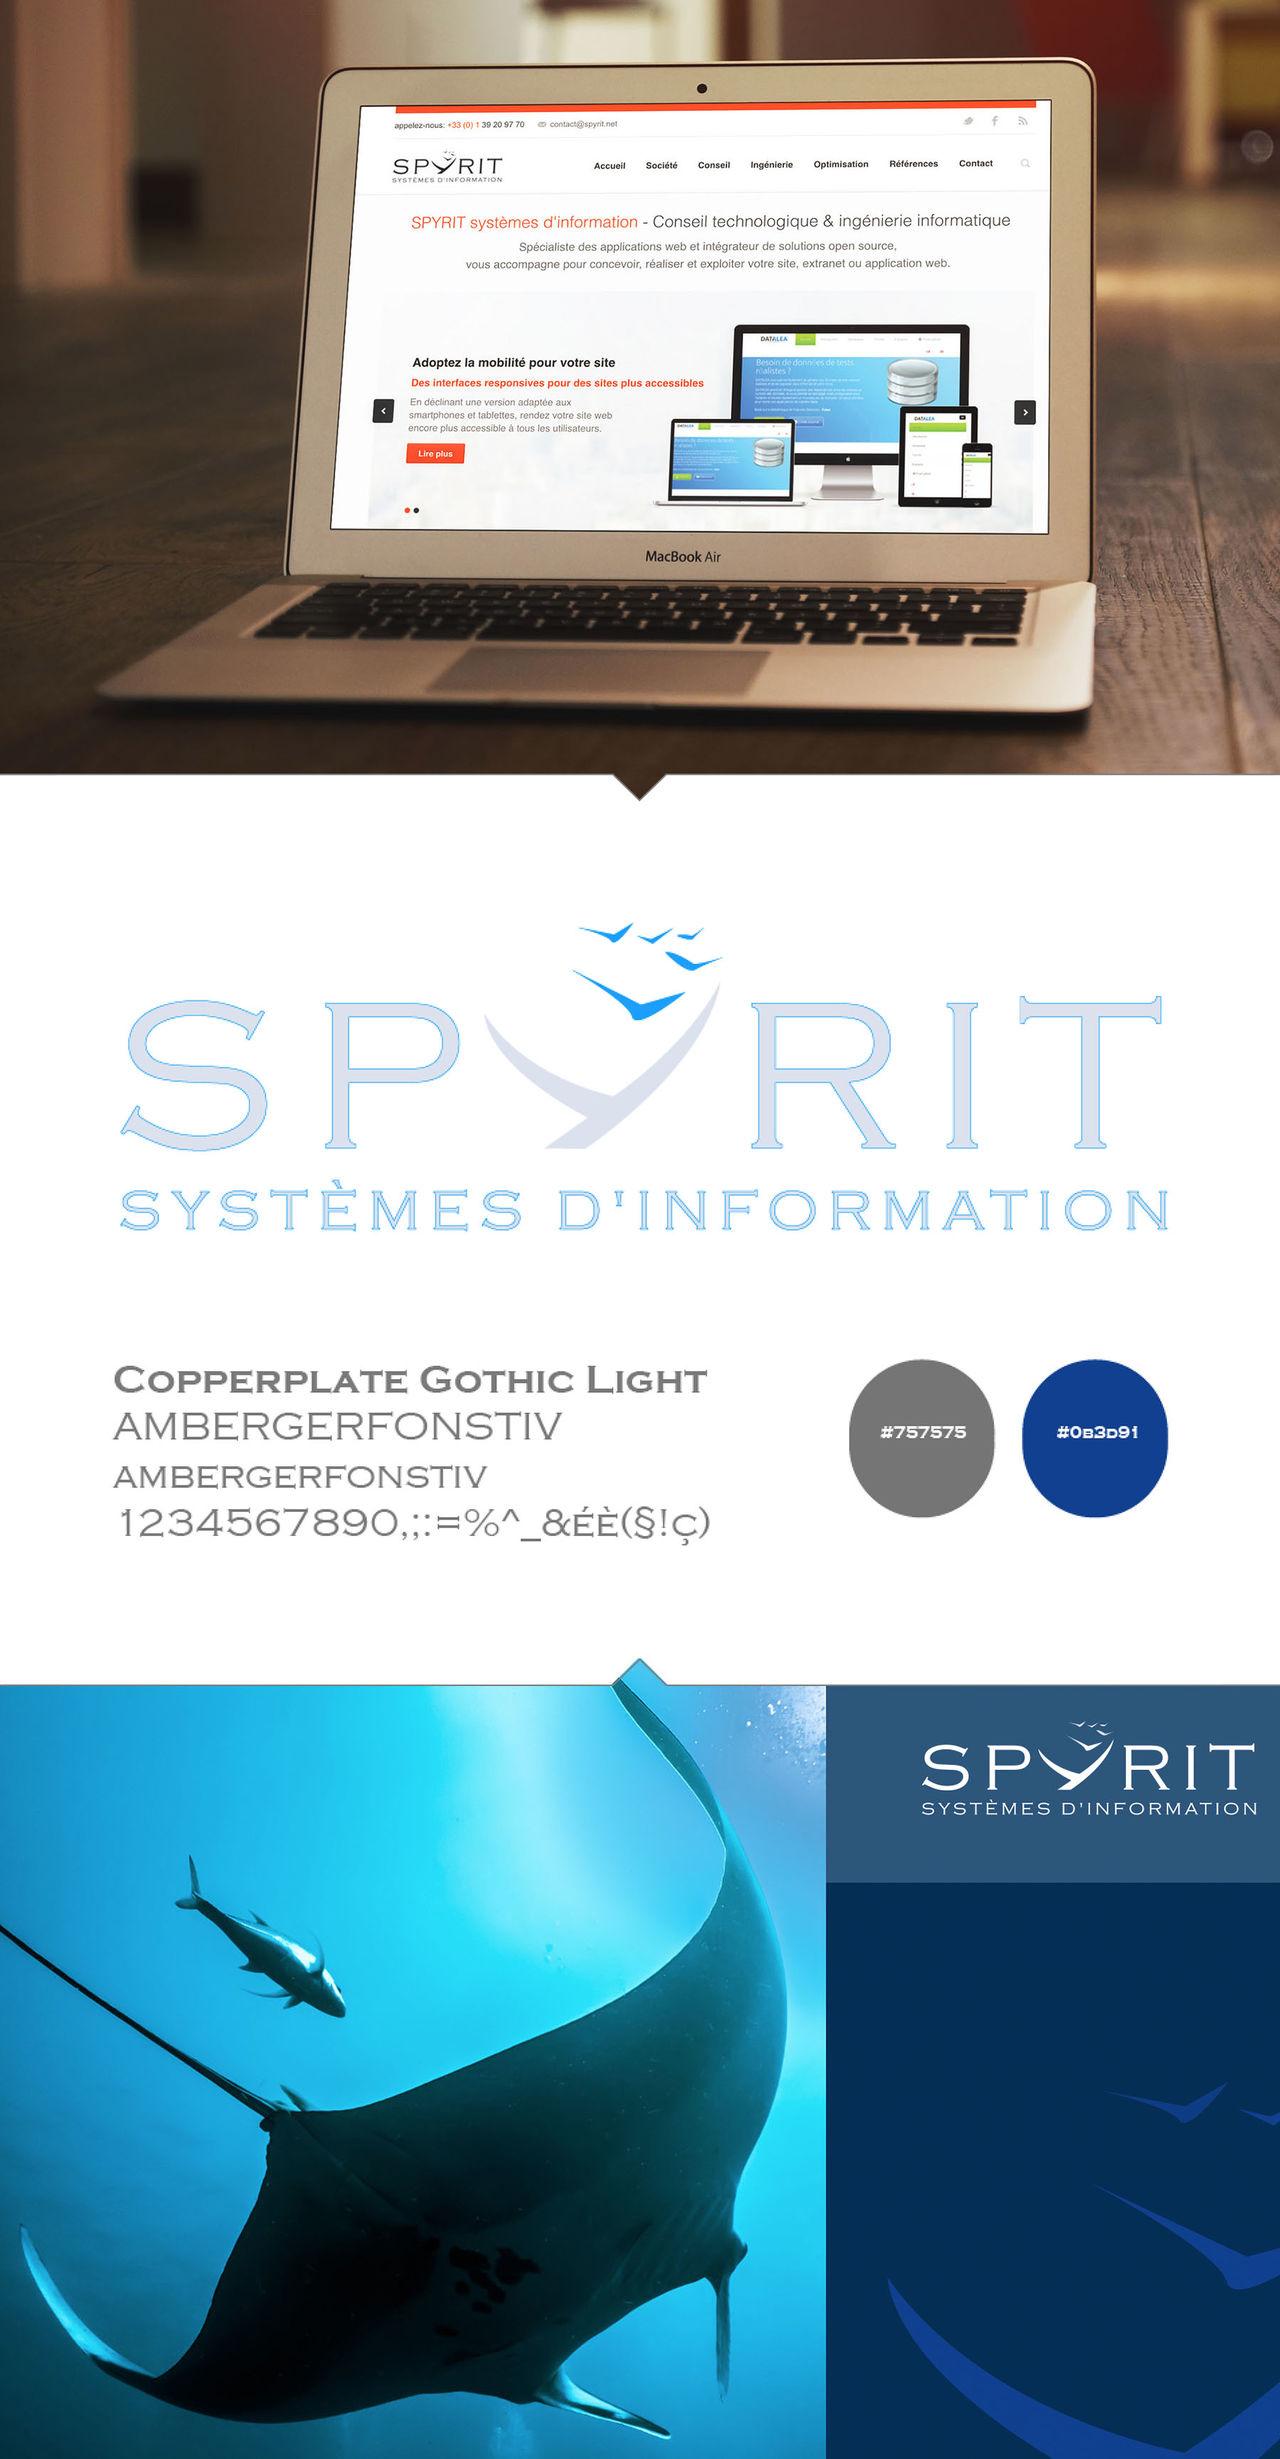 SPYRIT Systèmes d'informations - Logo et charte